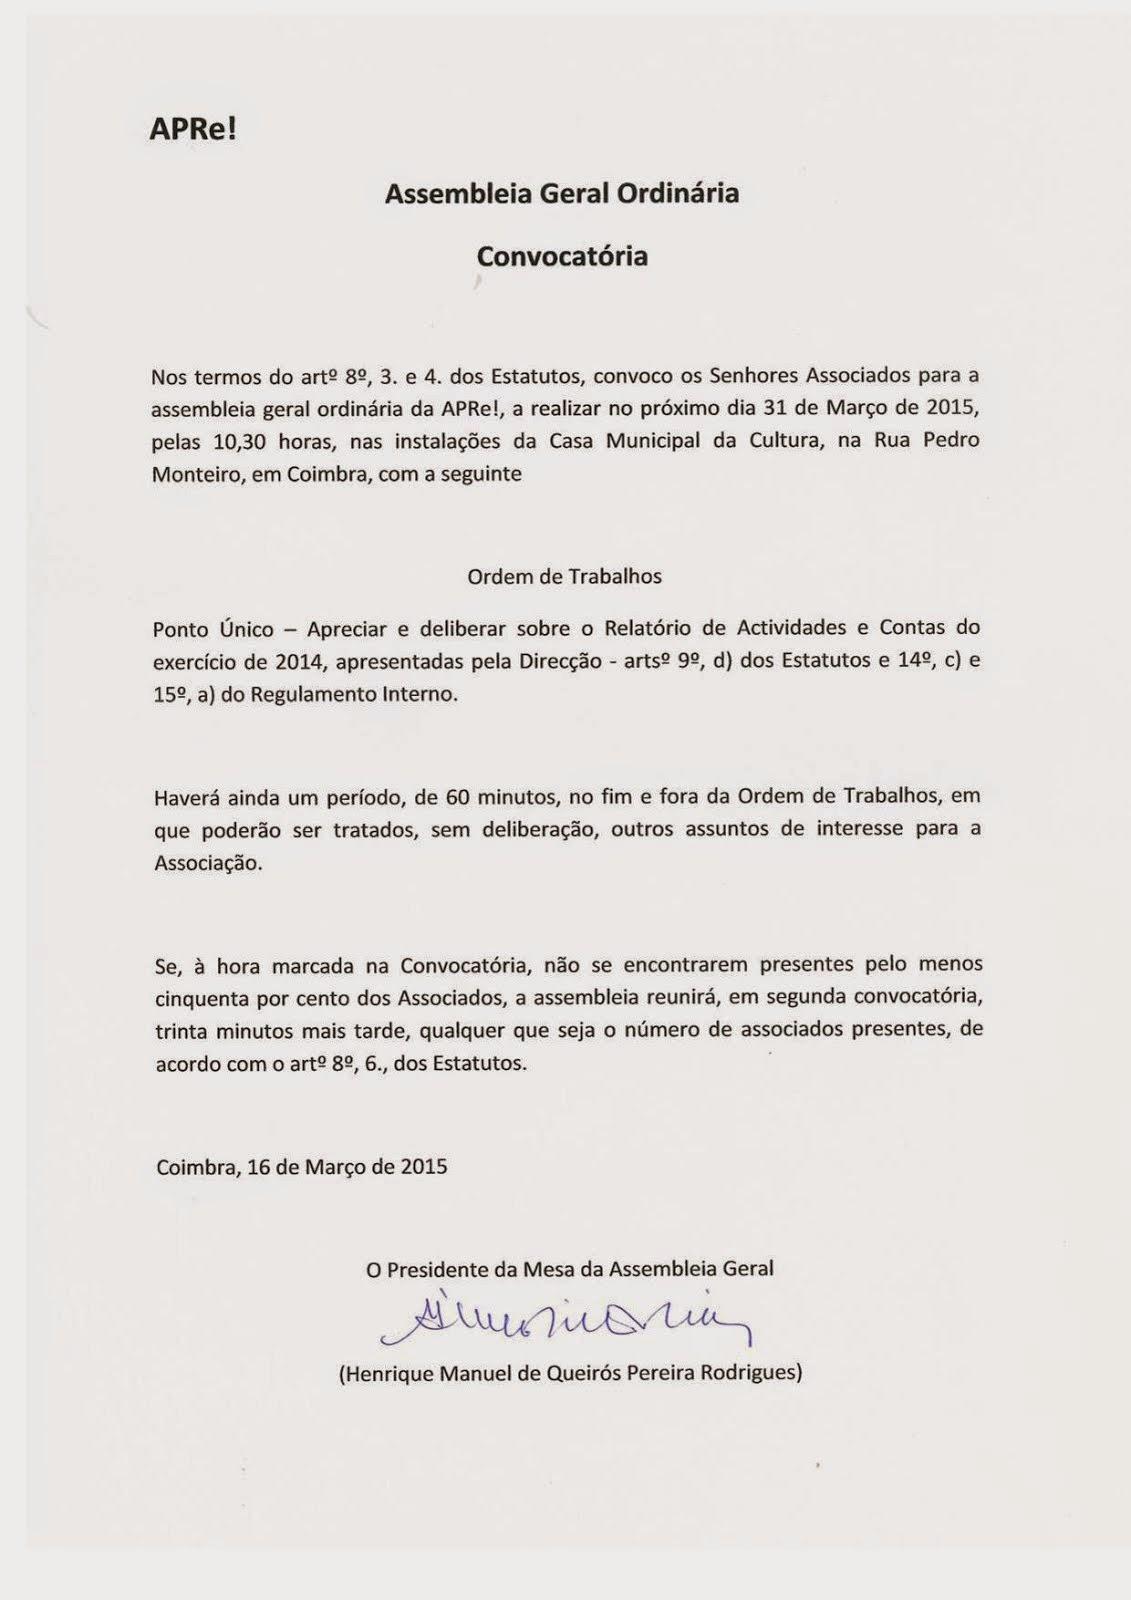 Convocatória para Assembleia Geral Ordinária da APRe!